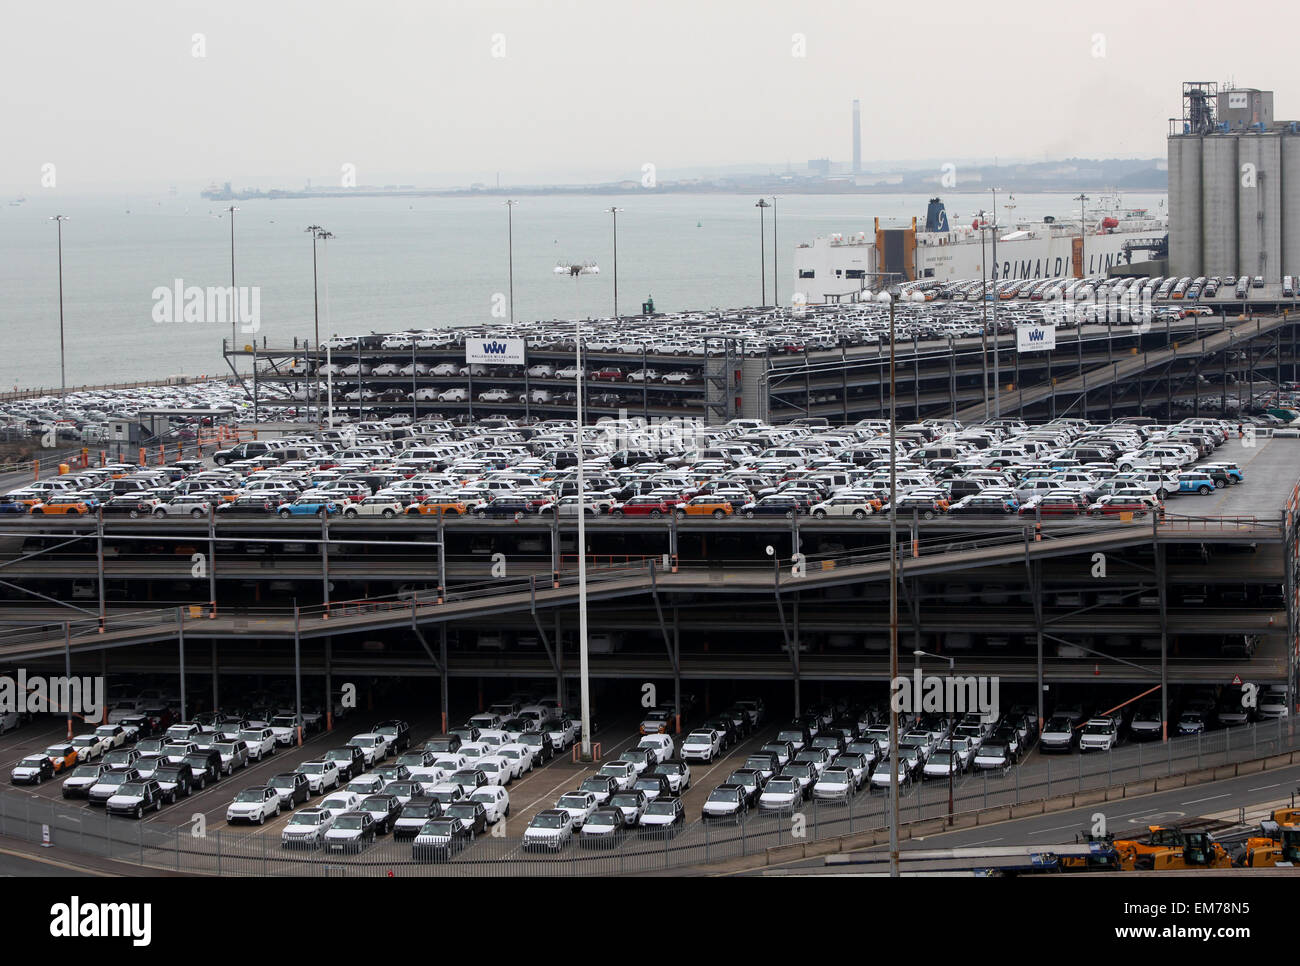 Les quais de Southampton et land rover mini voitures garées à Wallenius Wilhelmsen Logistics en attente Photo Stock